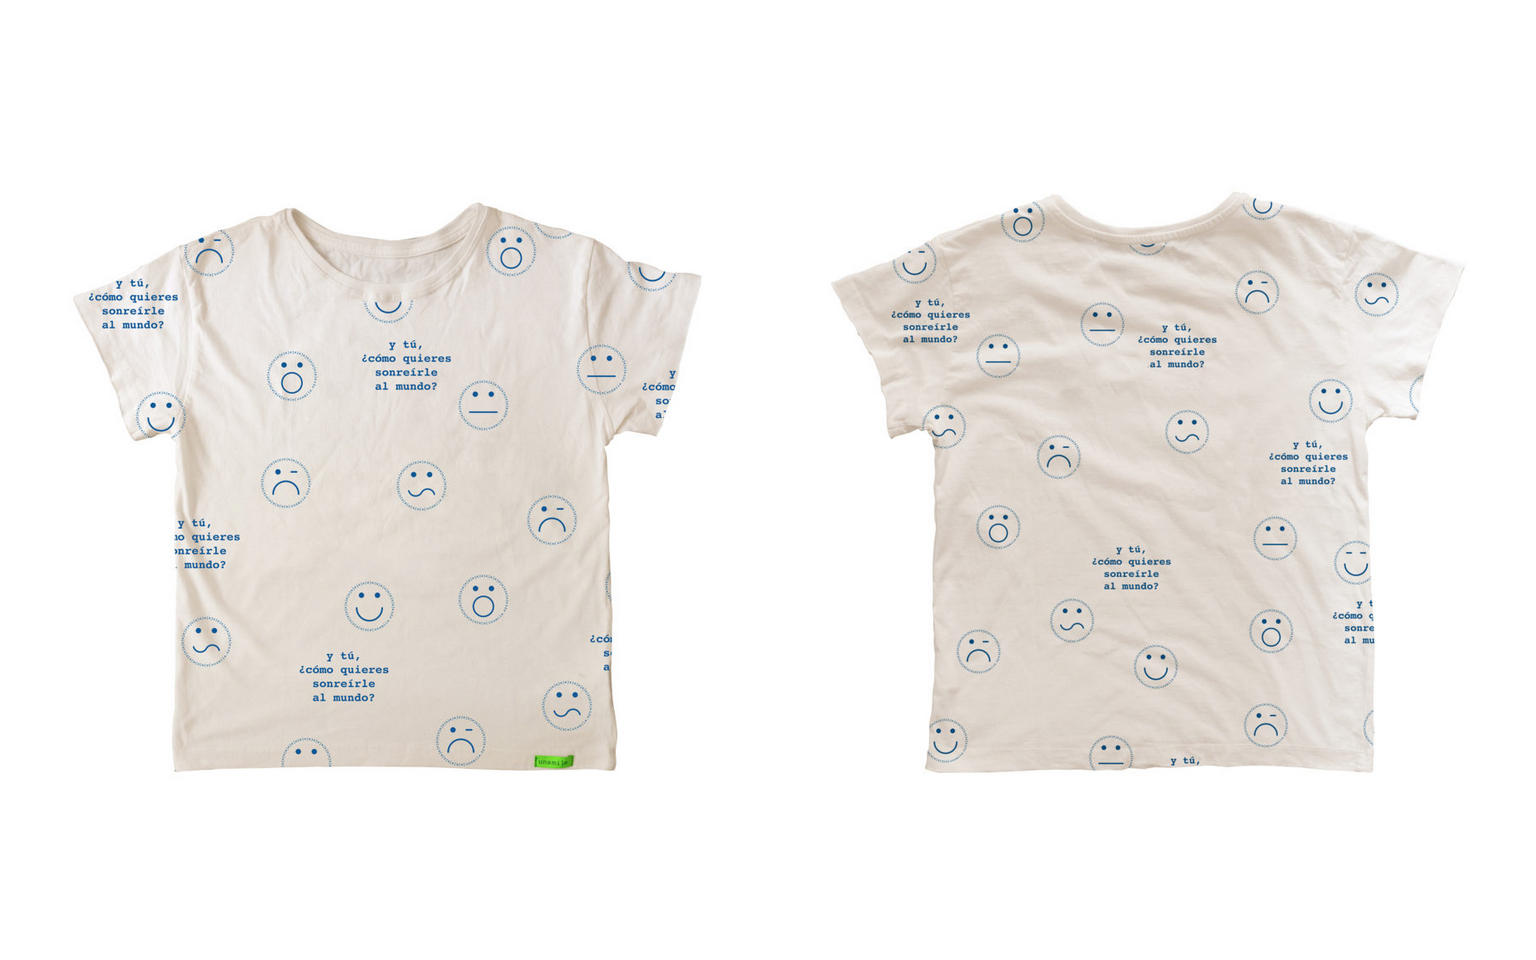 https://unsmile.xyz/shop/camiseta-uno/